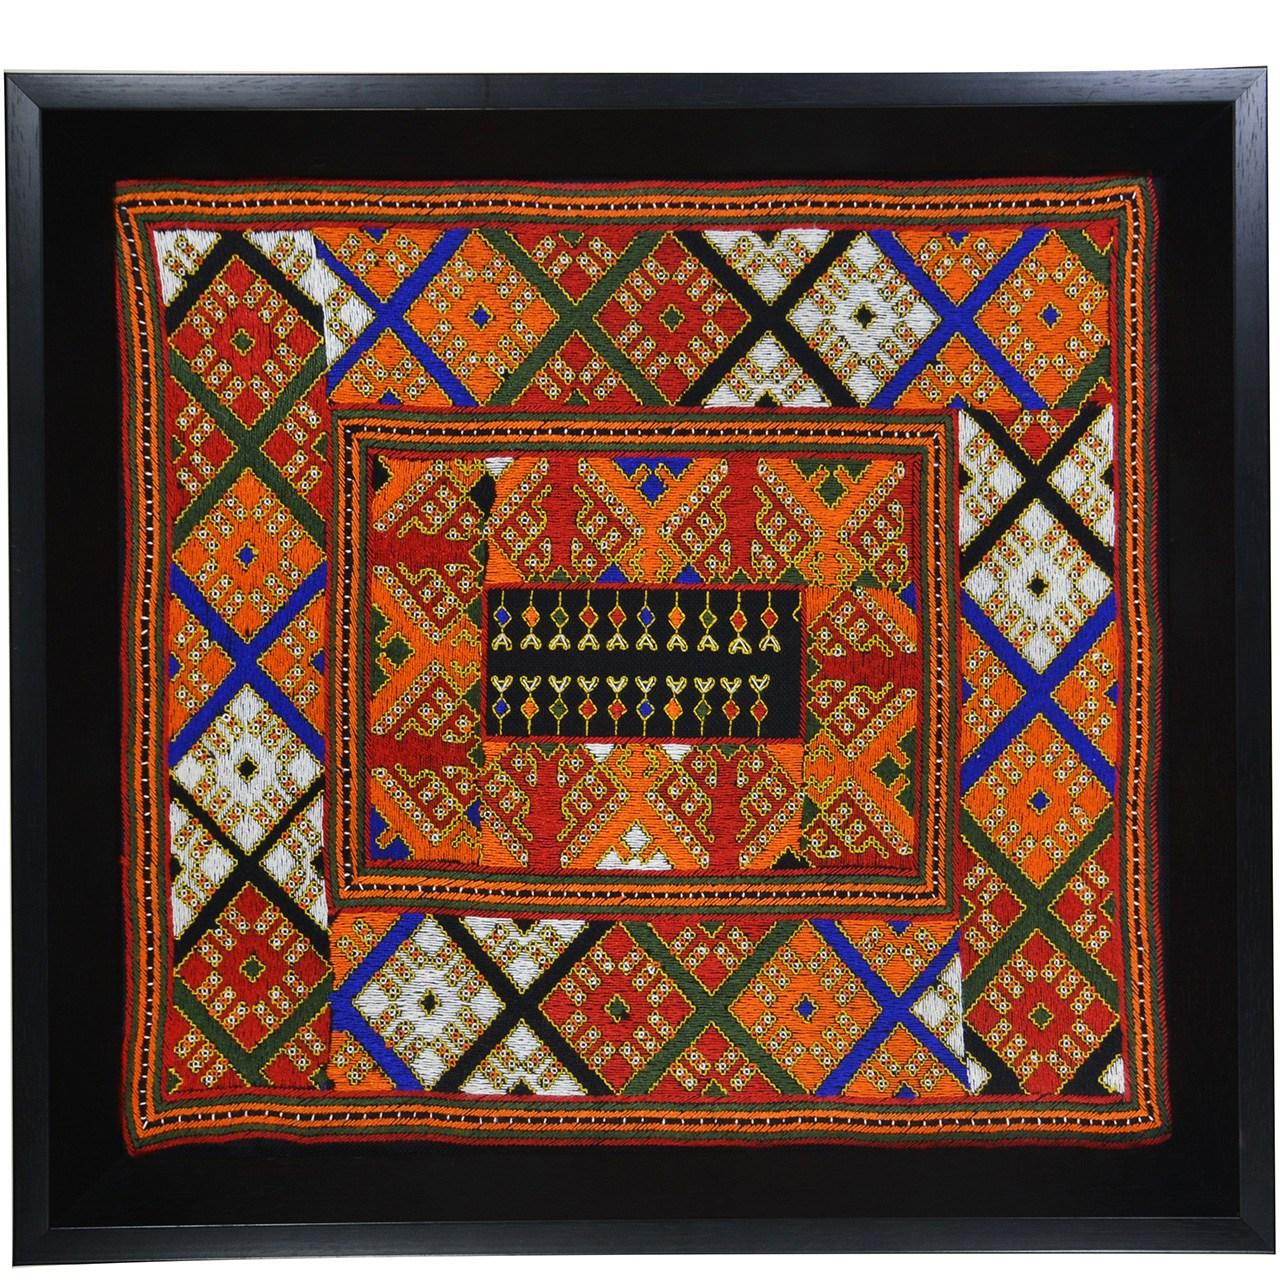 تابلو سوزن دوزی کارگاه نوروزی کد 1002